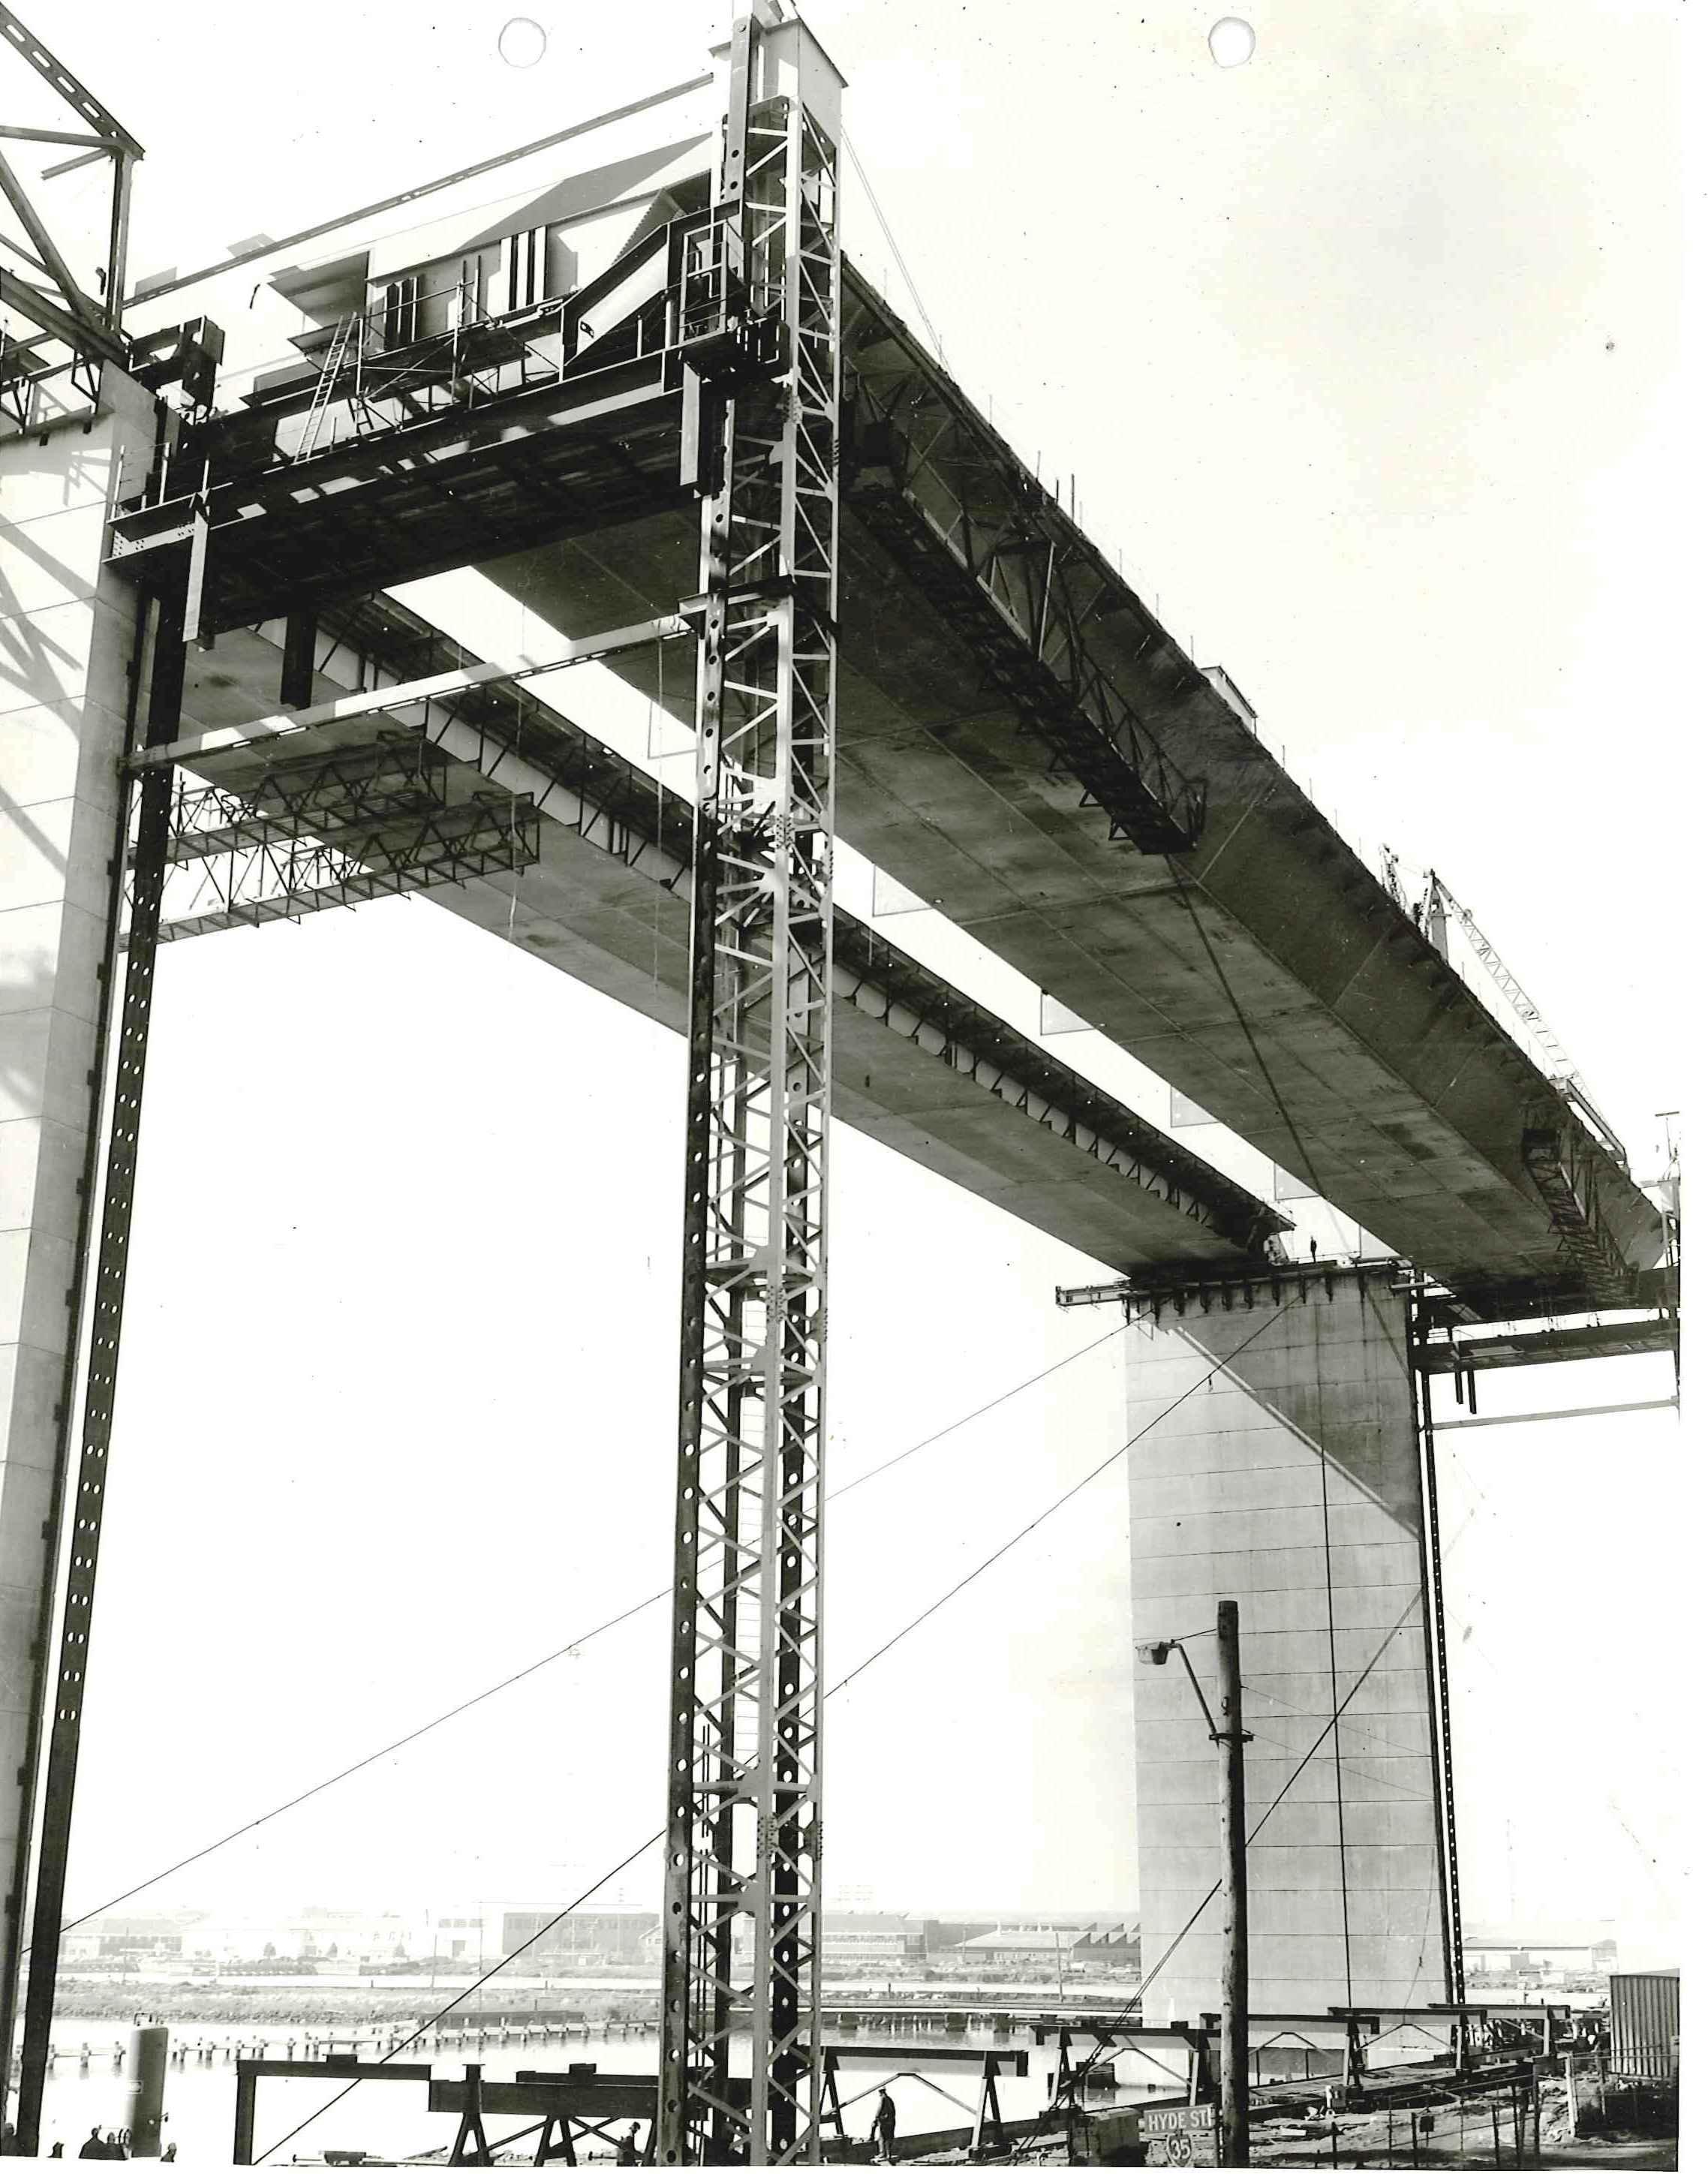 West Gate Bridge prior to collapse